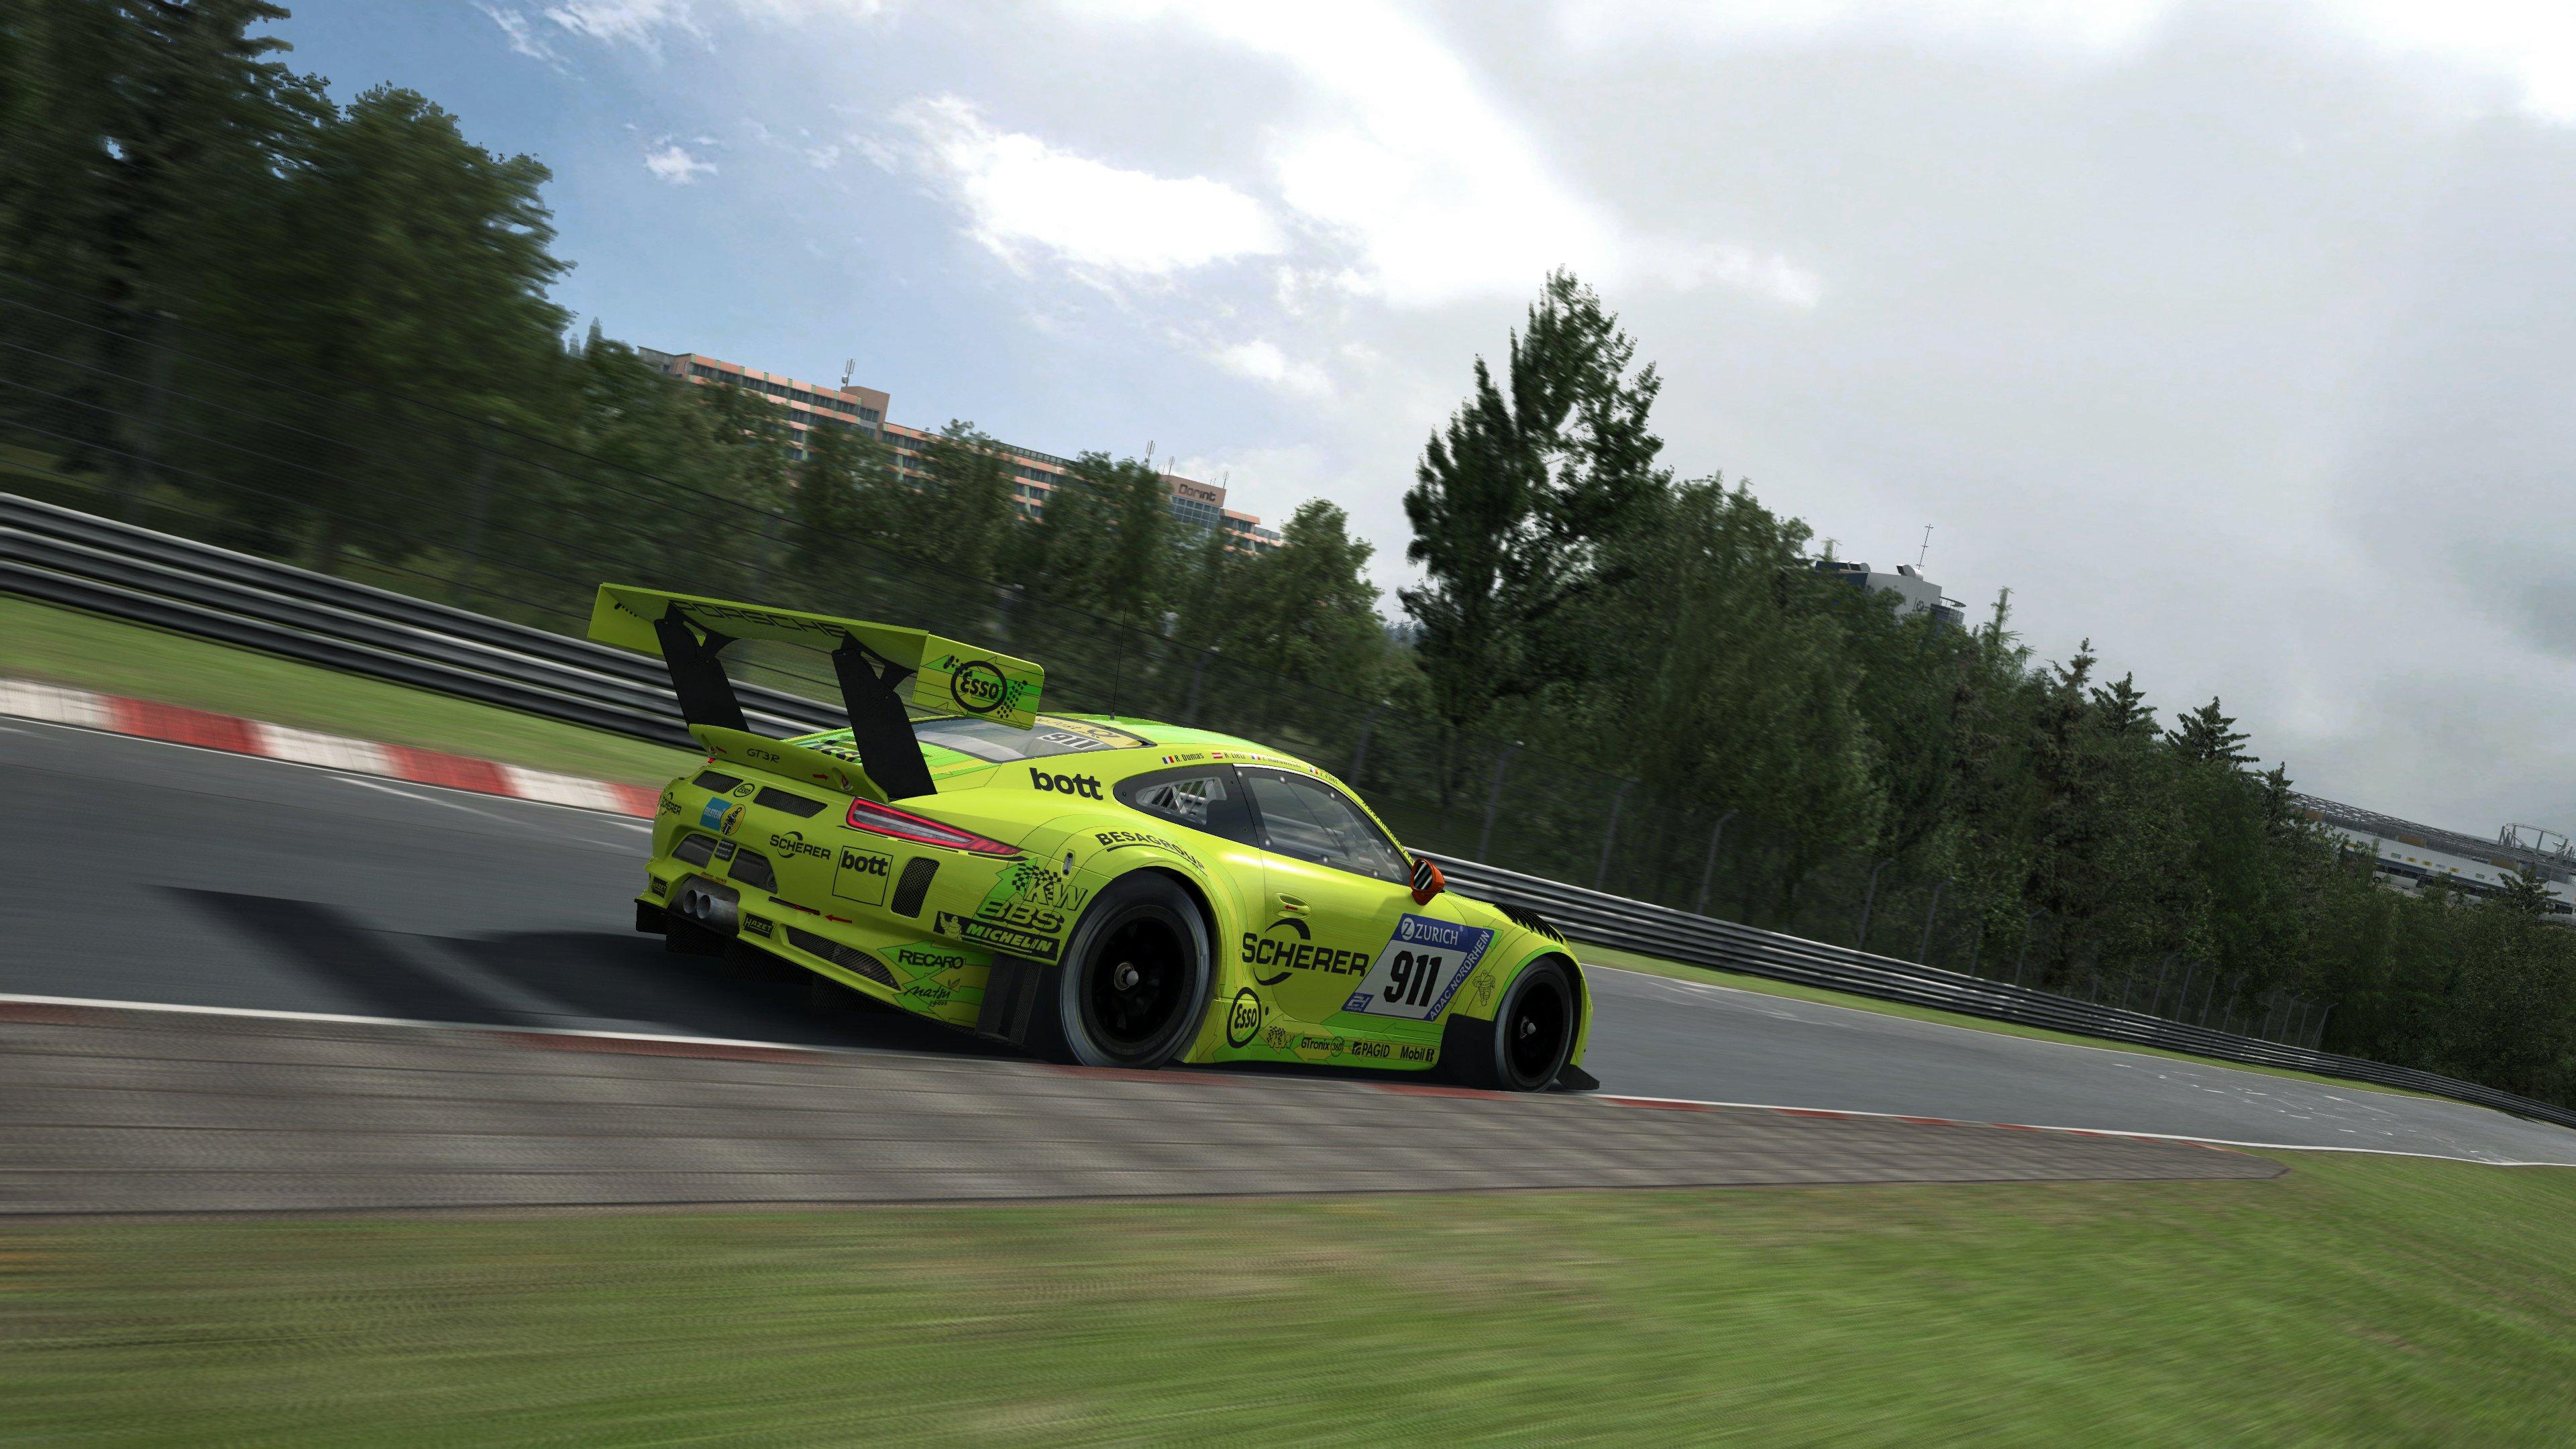 RaceRoom Porsche 911 GT3 R 33